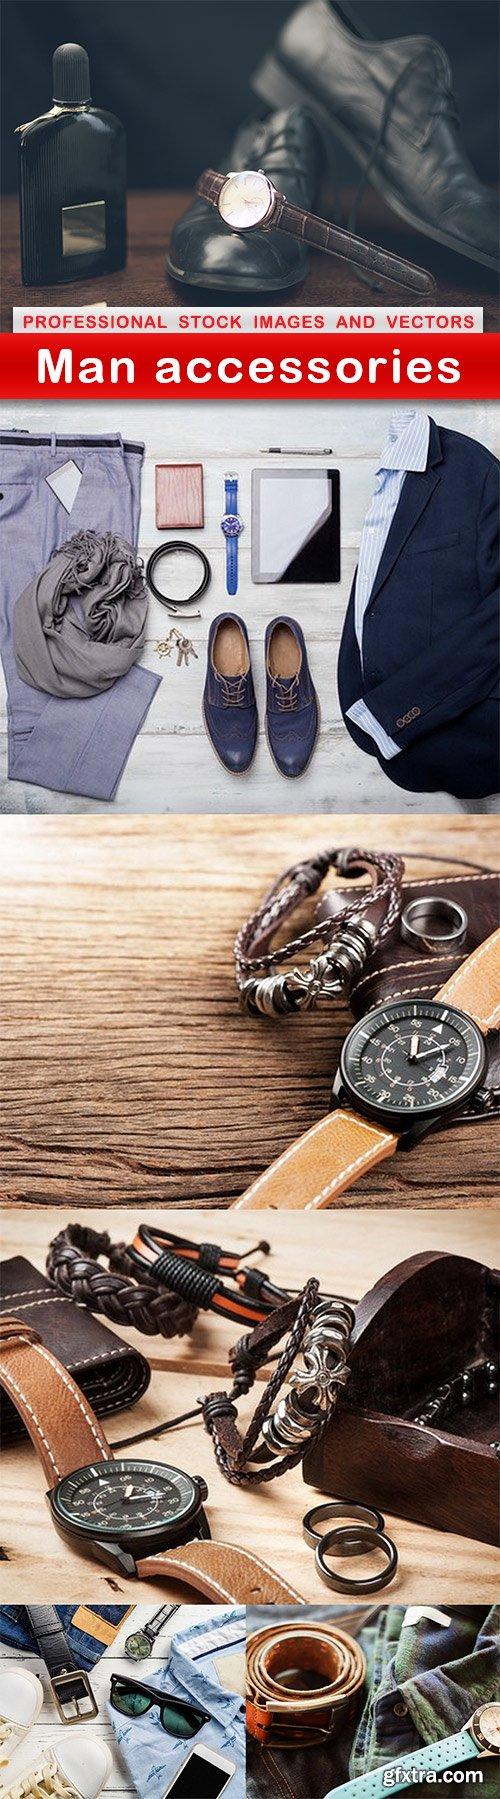 Man accessories - 6 UHQ JPEG